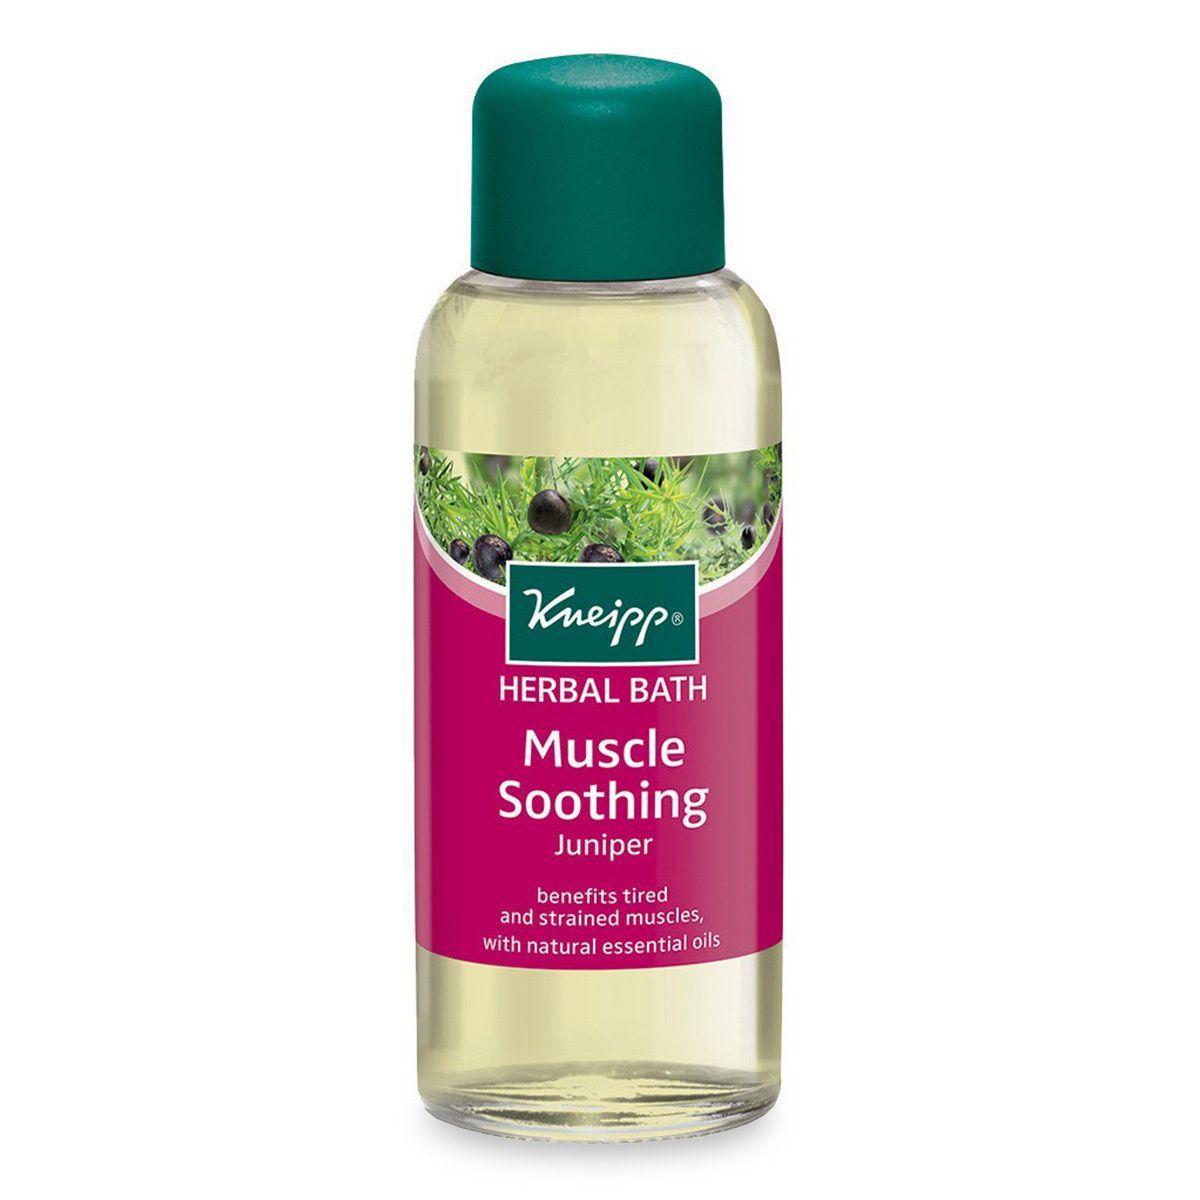 Juniper Muscle Soothing Herbal Bath Smallflower Herbal Bath Herbalism Natural Essential Oils